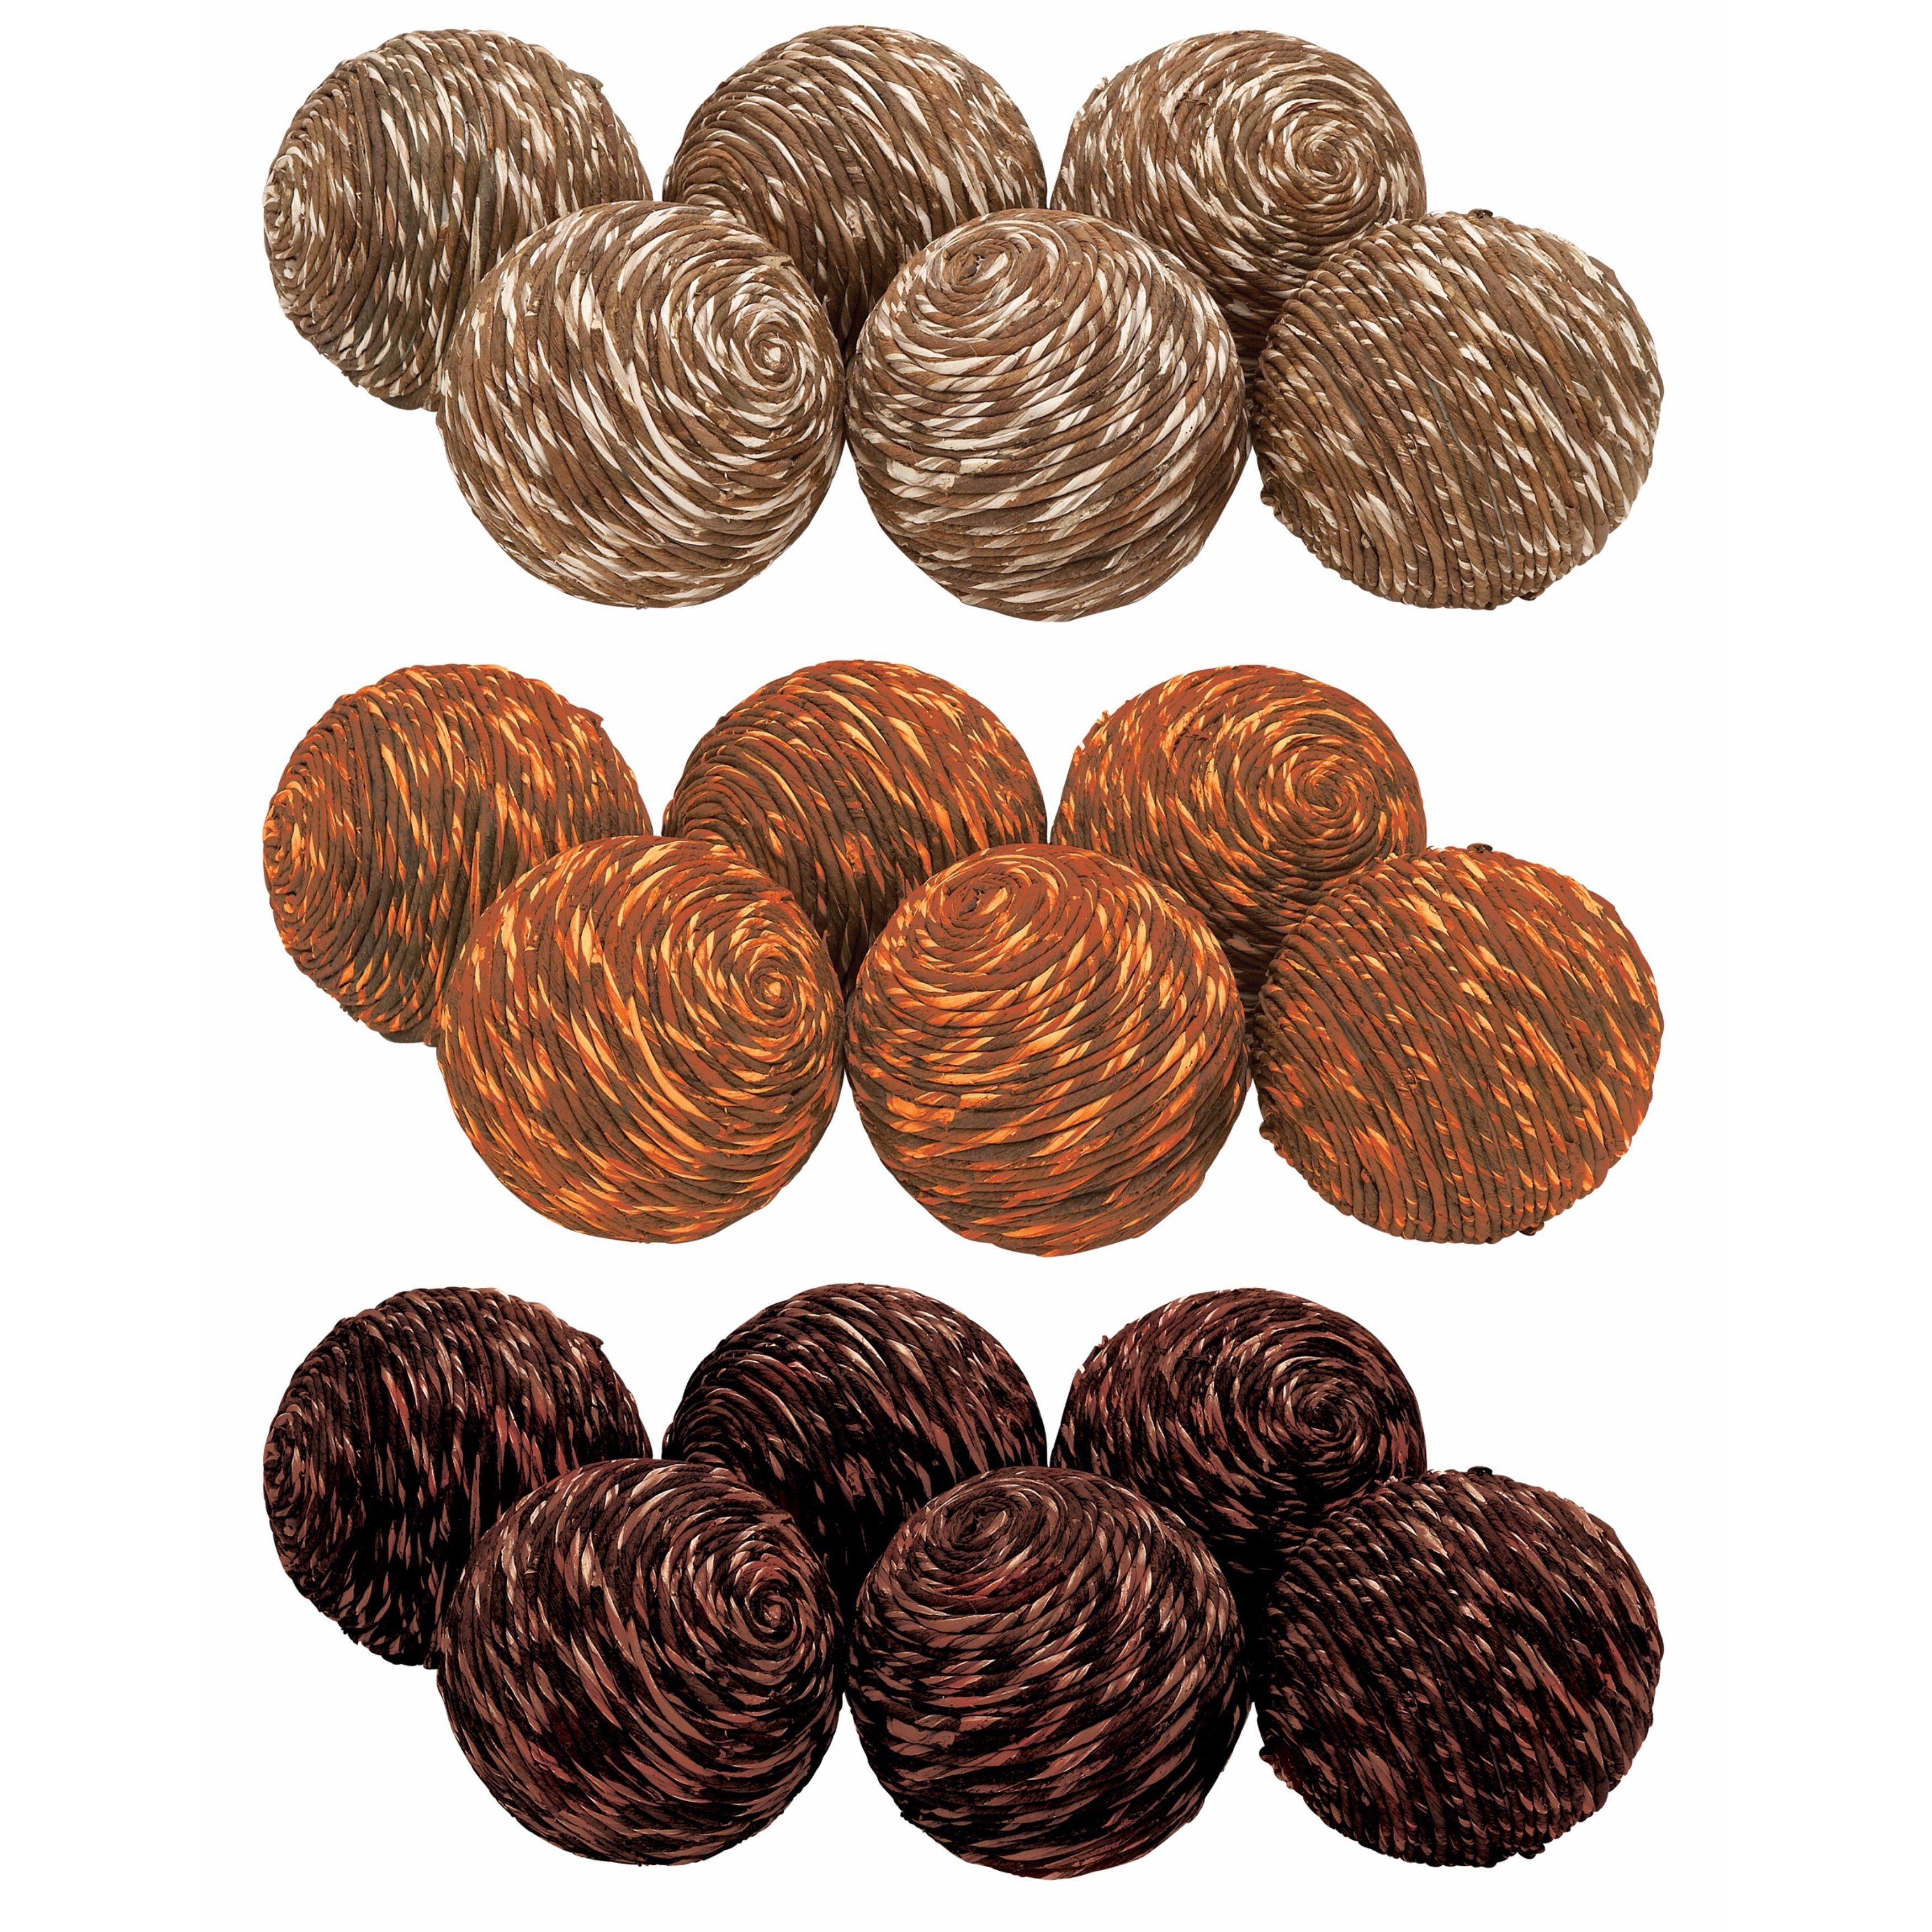 Studio 350 Natural Dried Sola Balls (Multi-Color), Multi ...